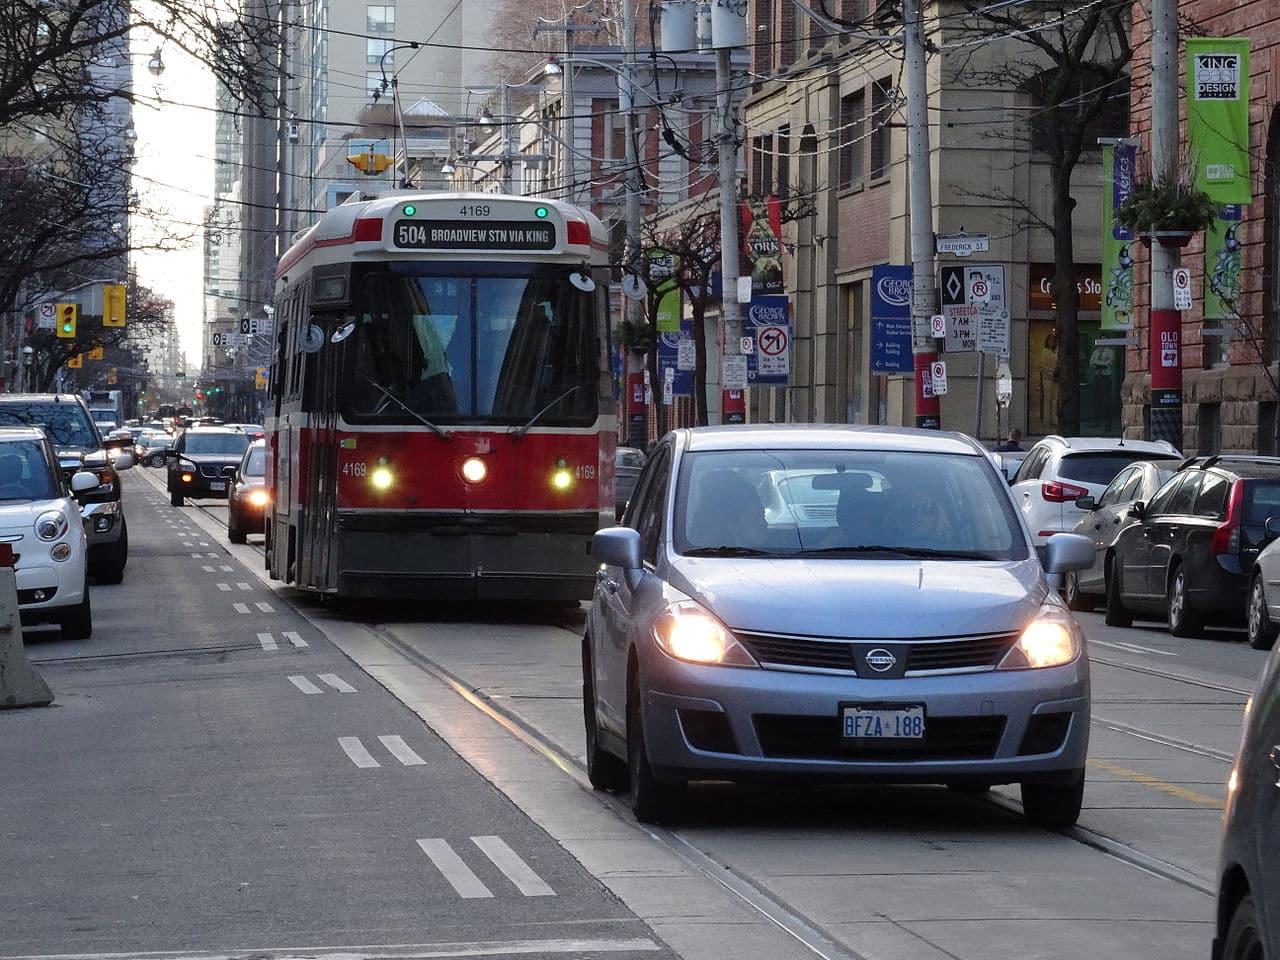 Se aprueba estudio que pide aumentar los tranvías en King St y disminuir tráfico